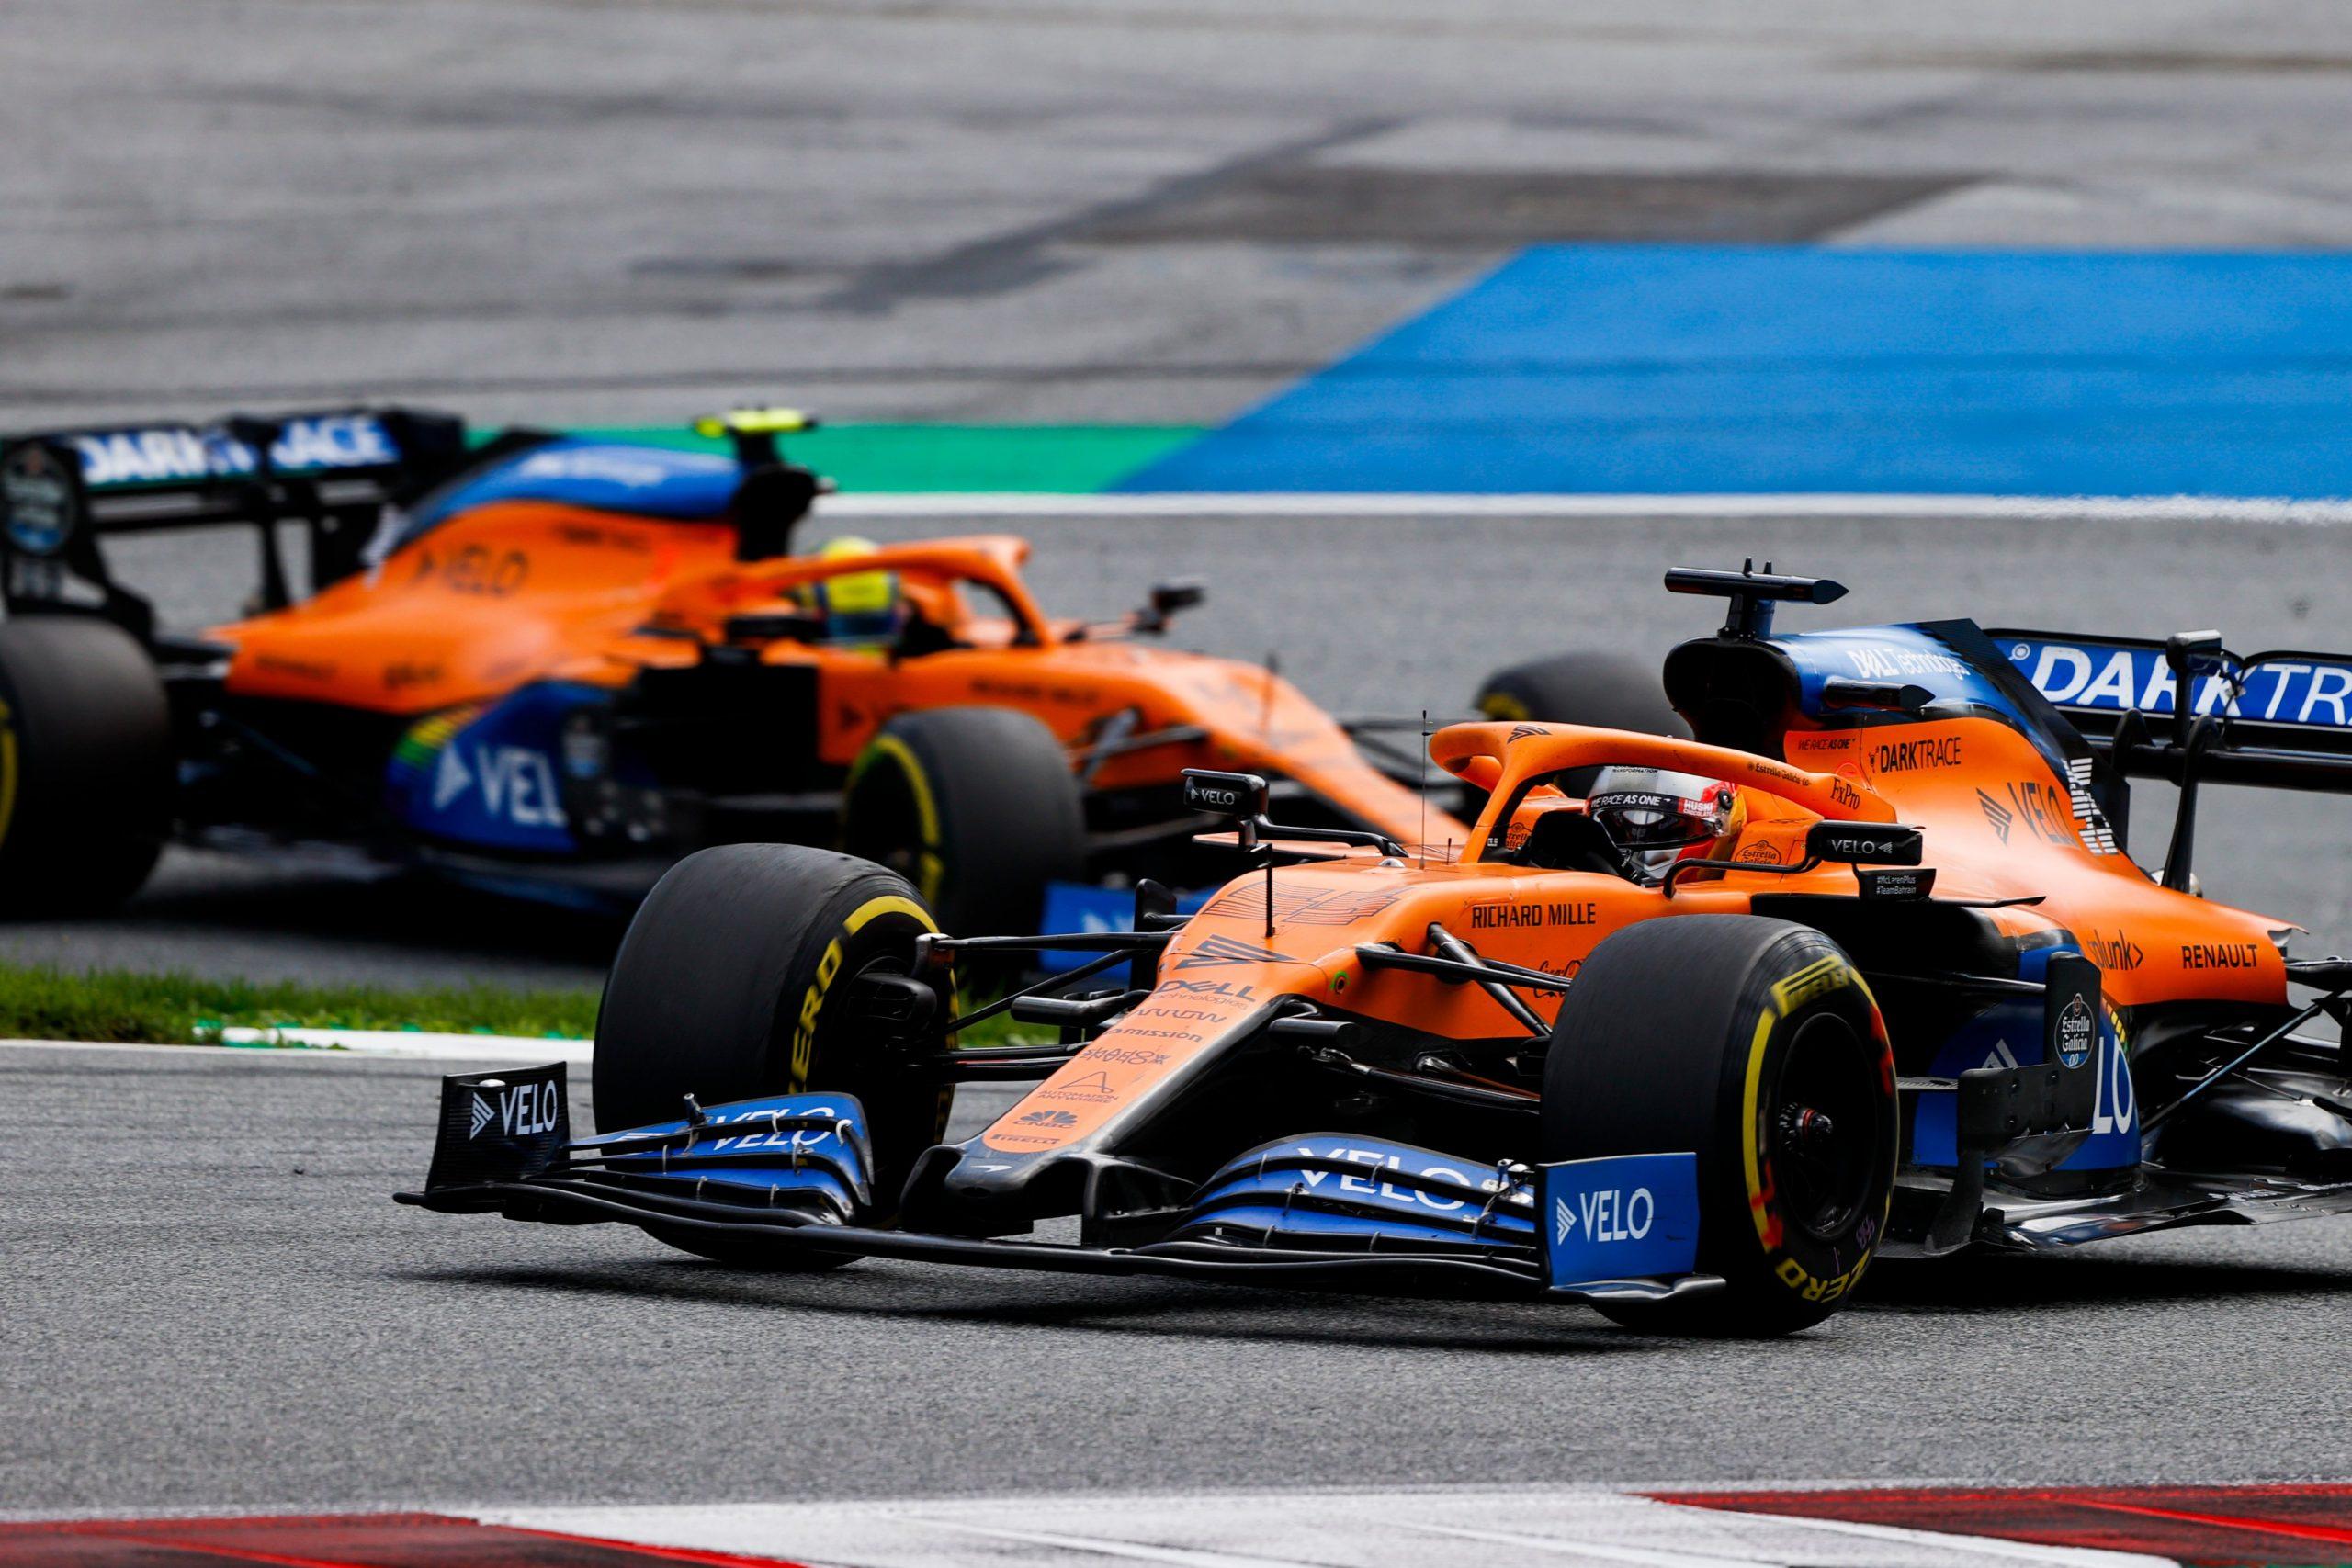 Classement F1 2020 : McLaren occupe la seconde position après le GP de Styrie 1